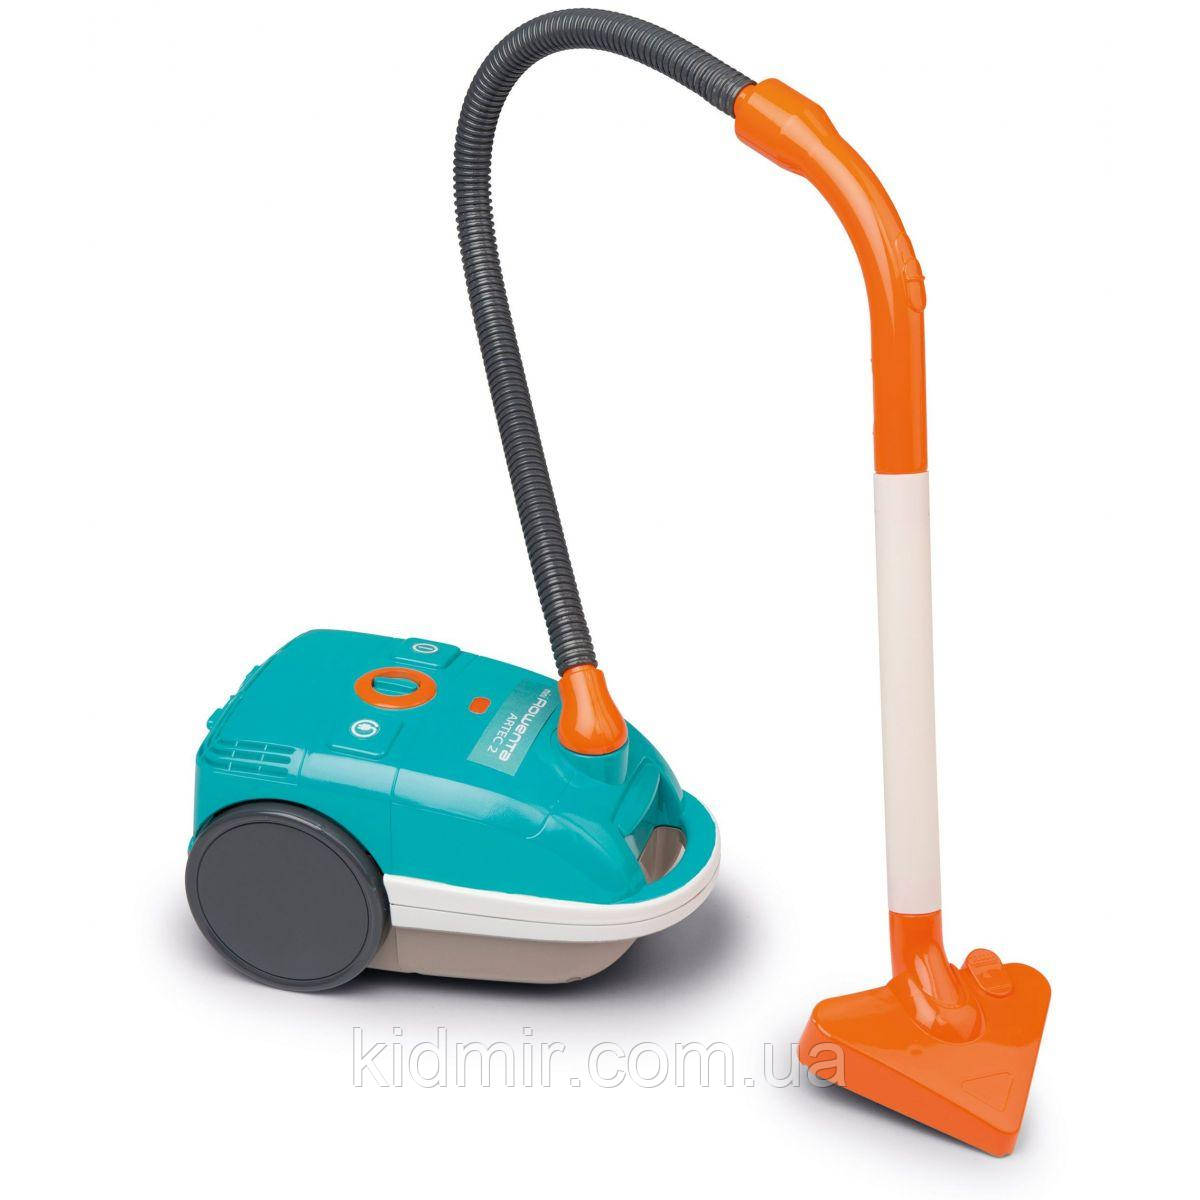 Пилосос дитячий Eco Clean Smoby 330212